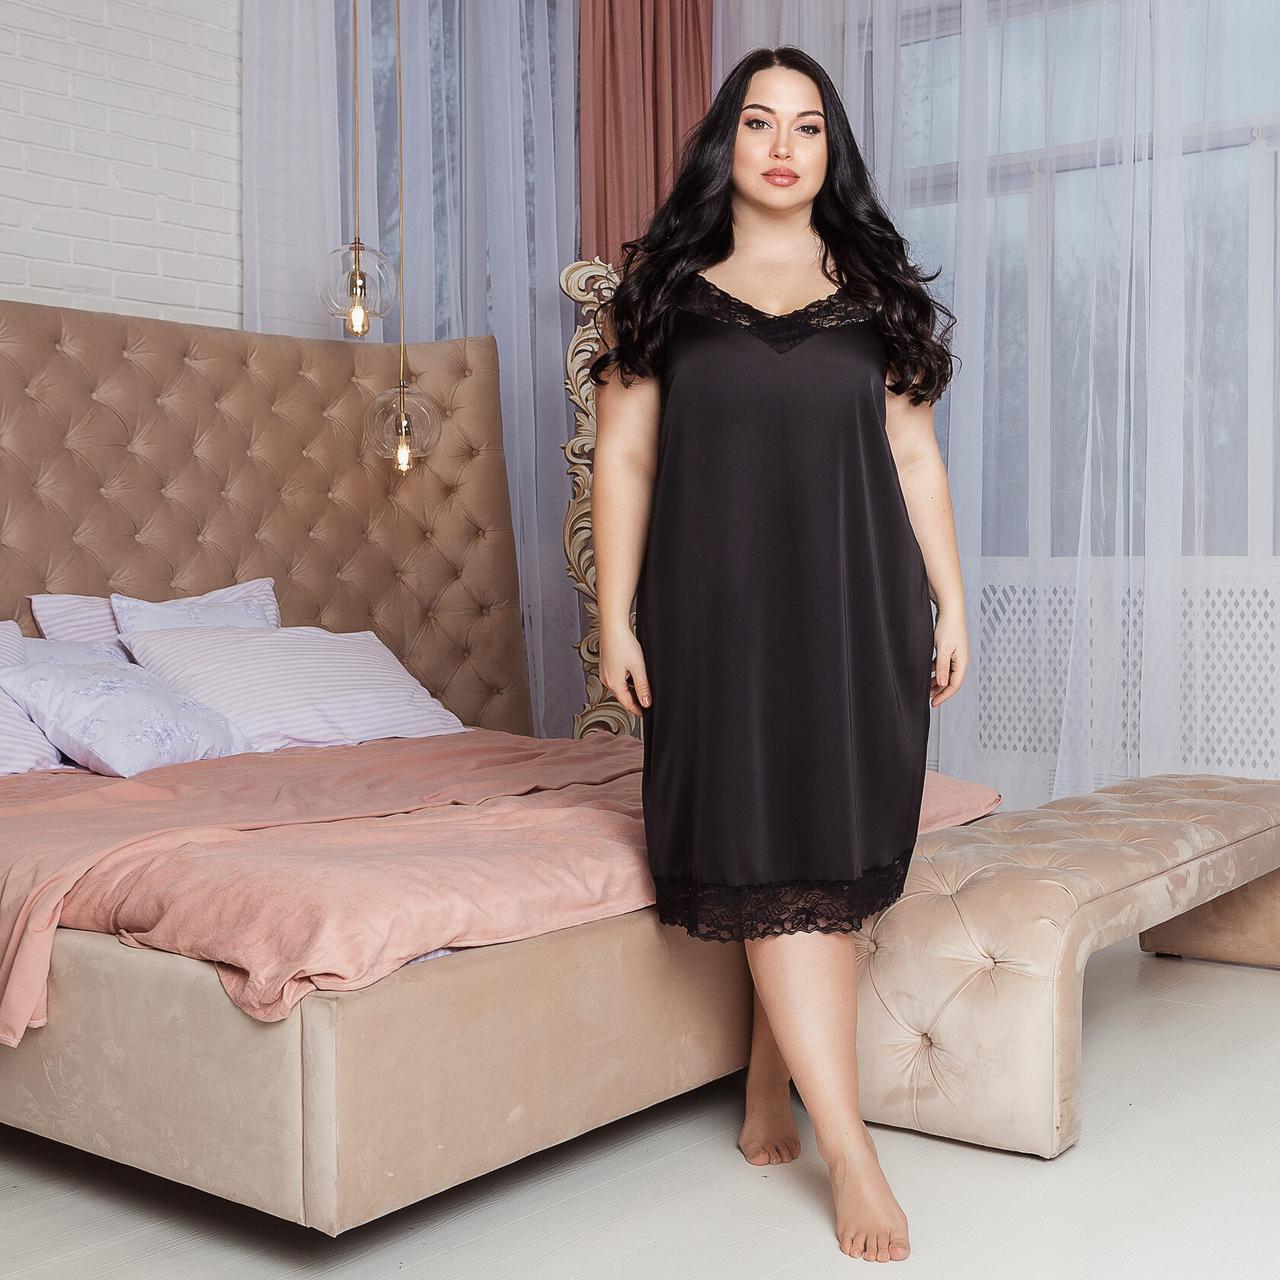 Черная шелковая сорочка на ночь, размер 52-54